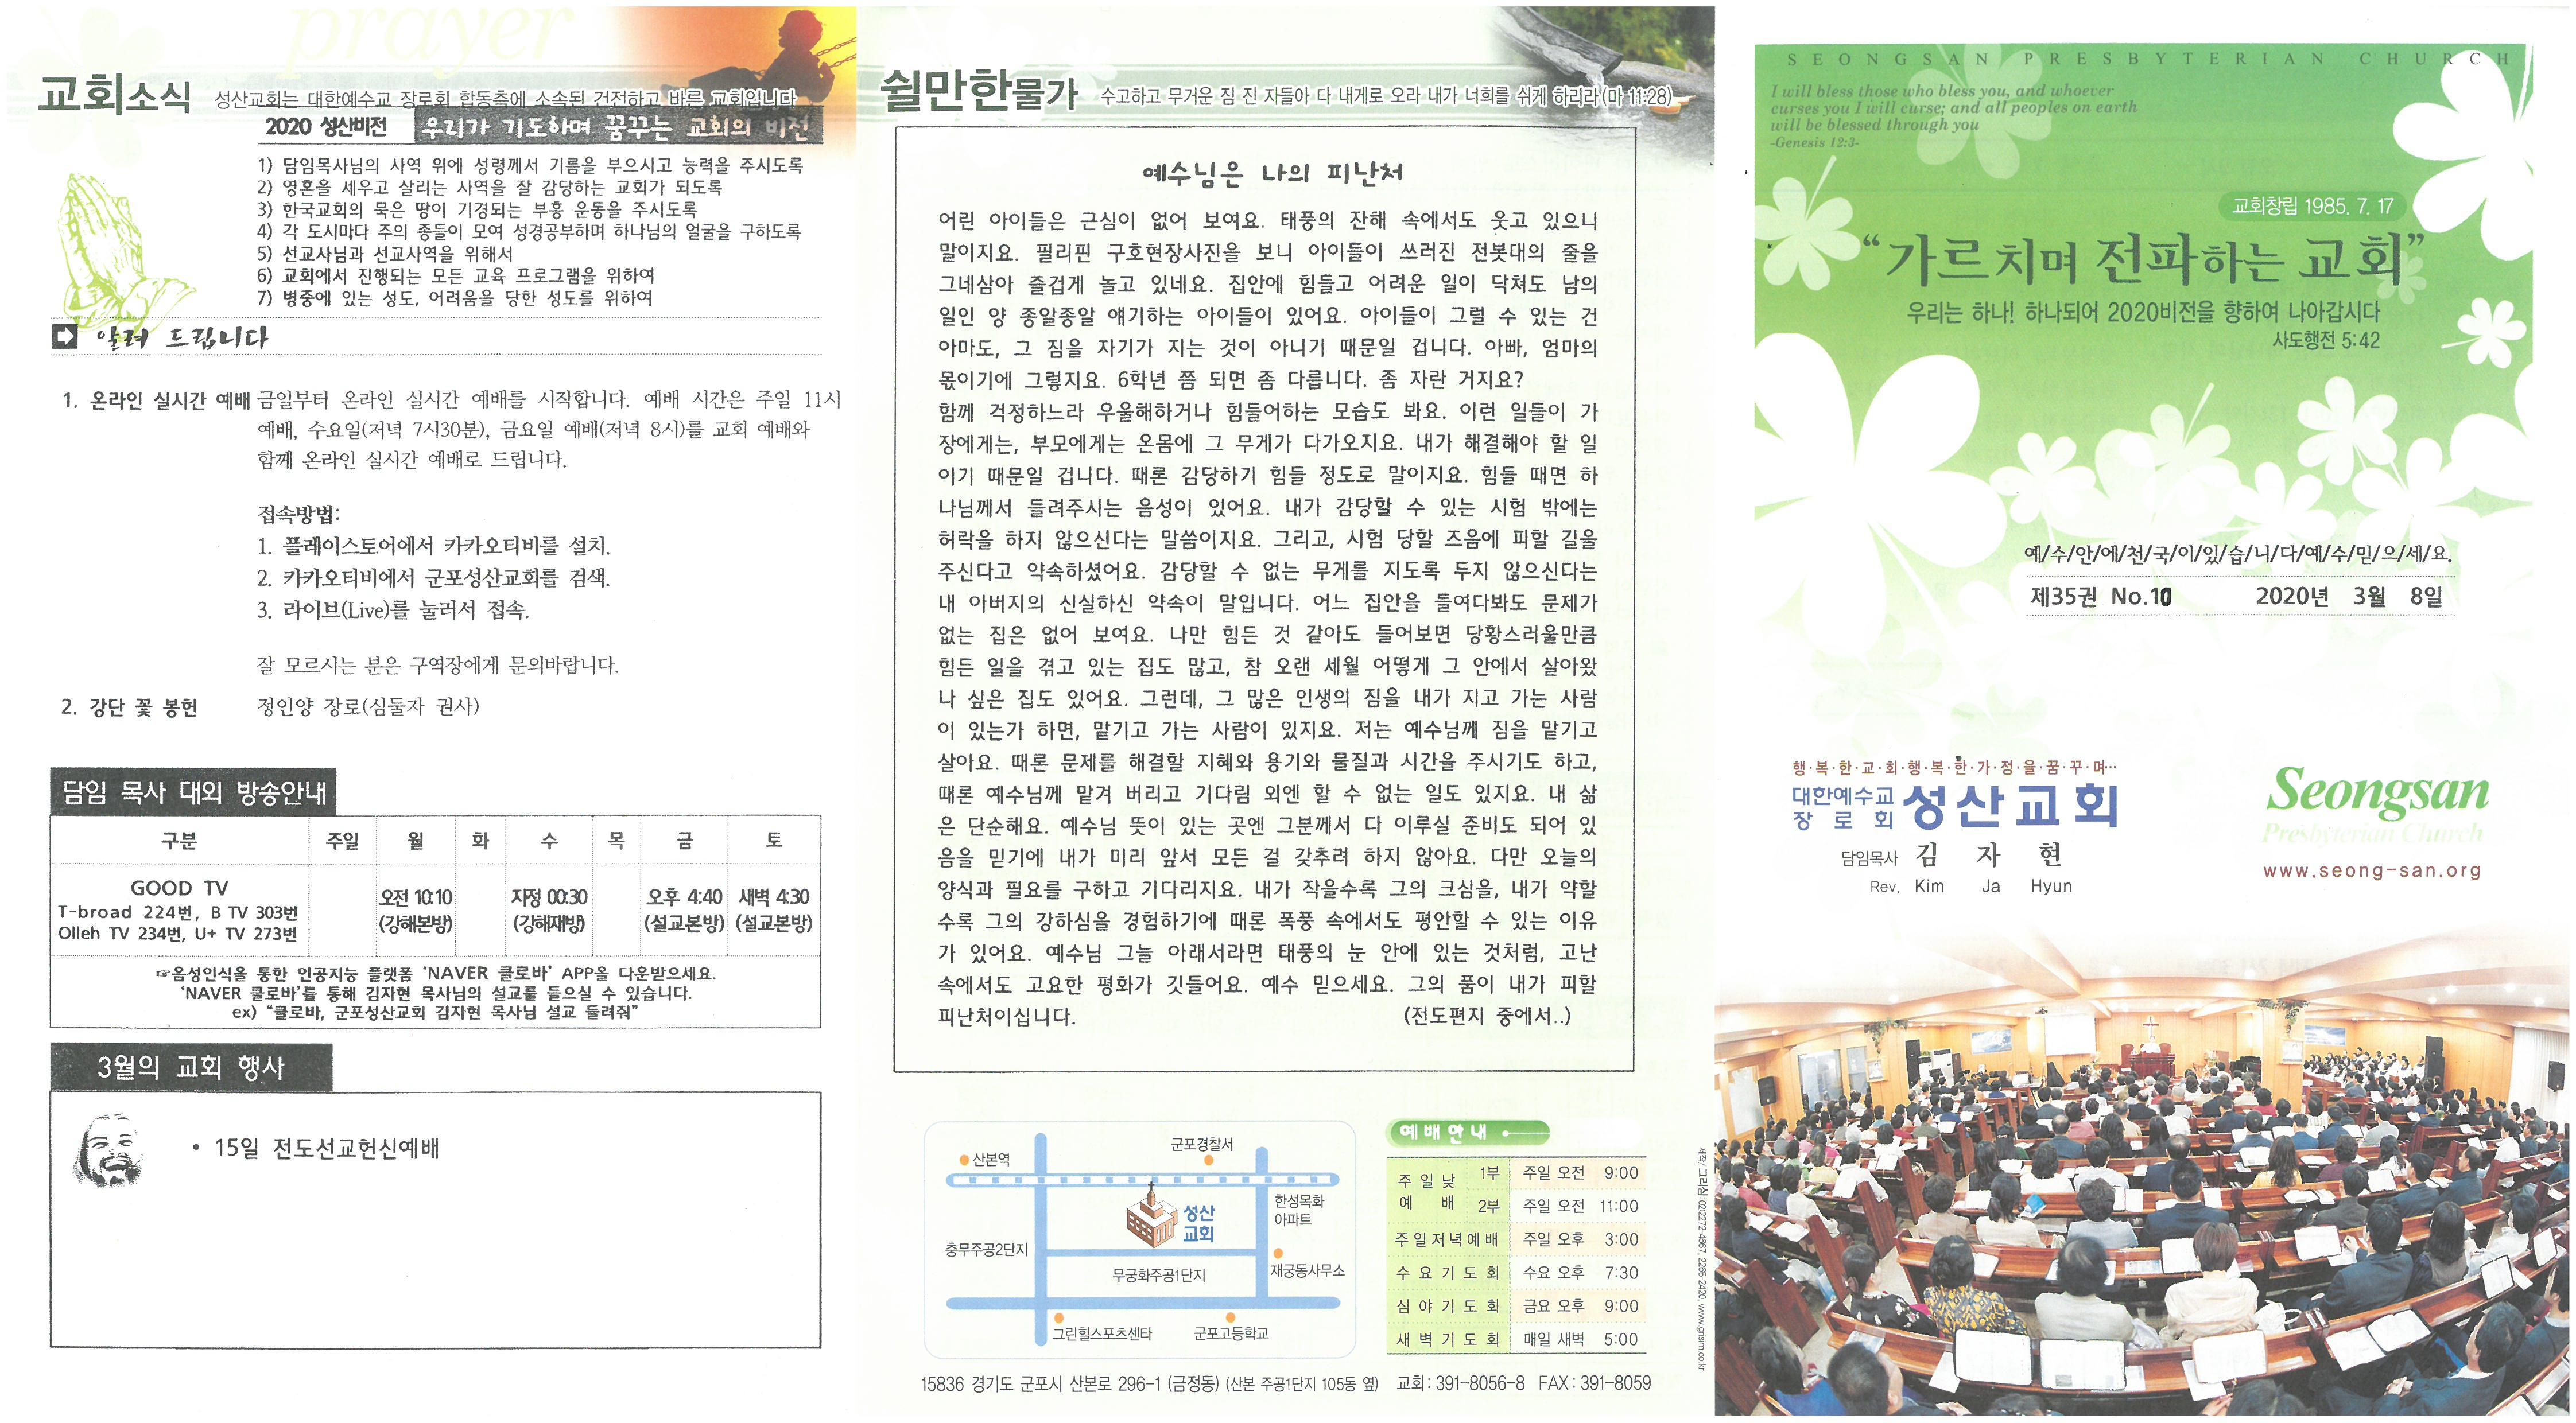 S22C-6e20030715380_0001.jpg